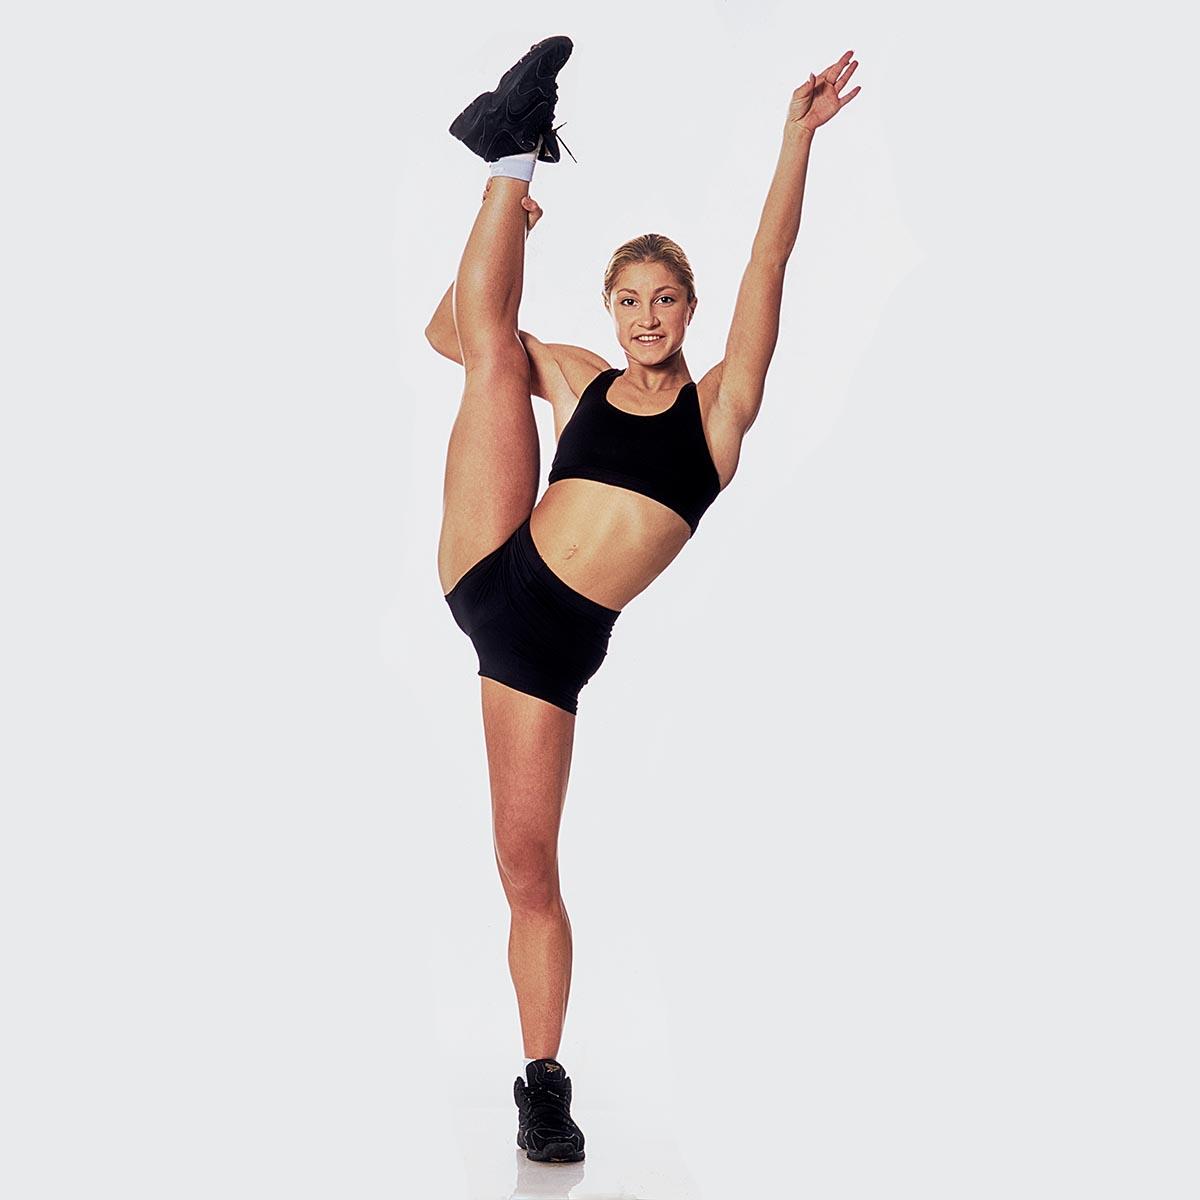 фитнес фотосъемка